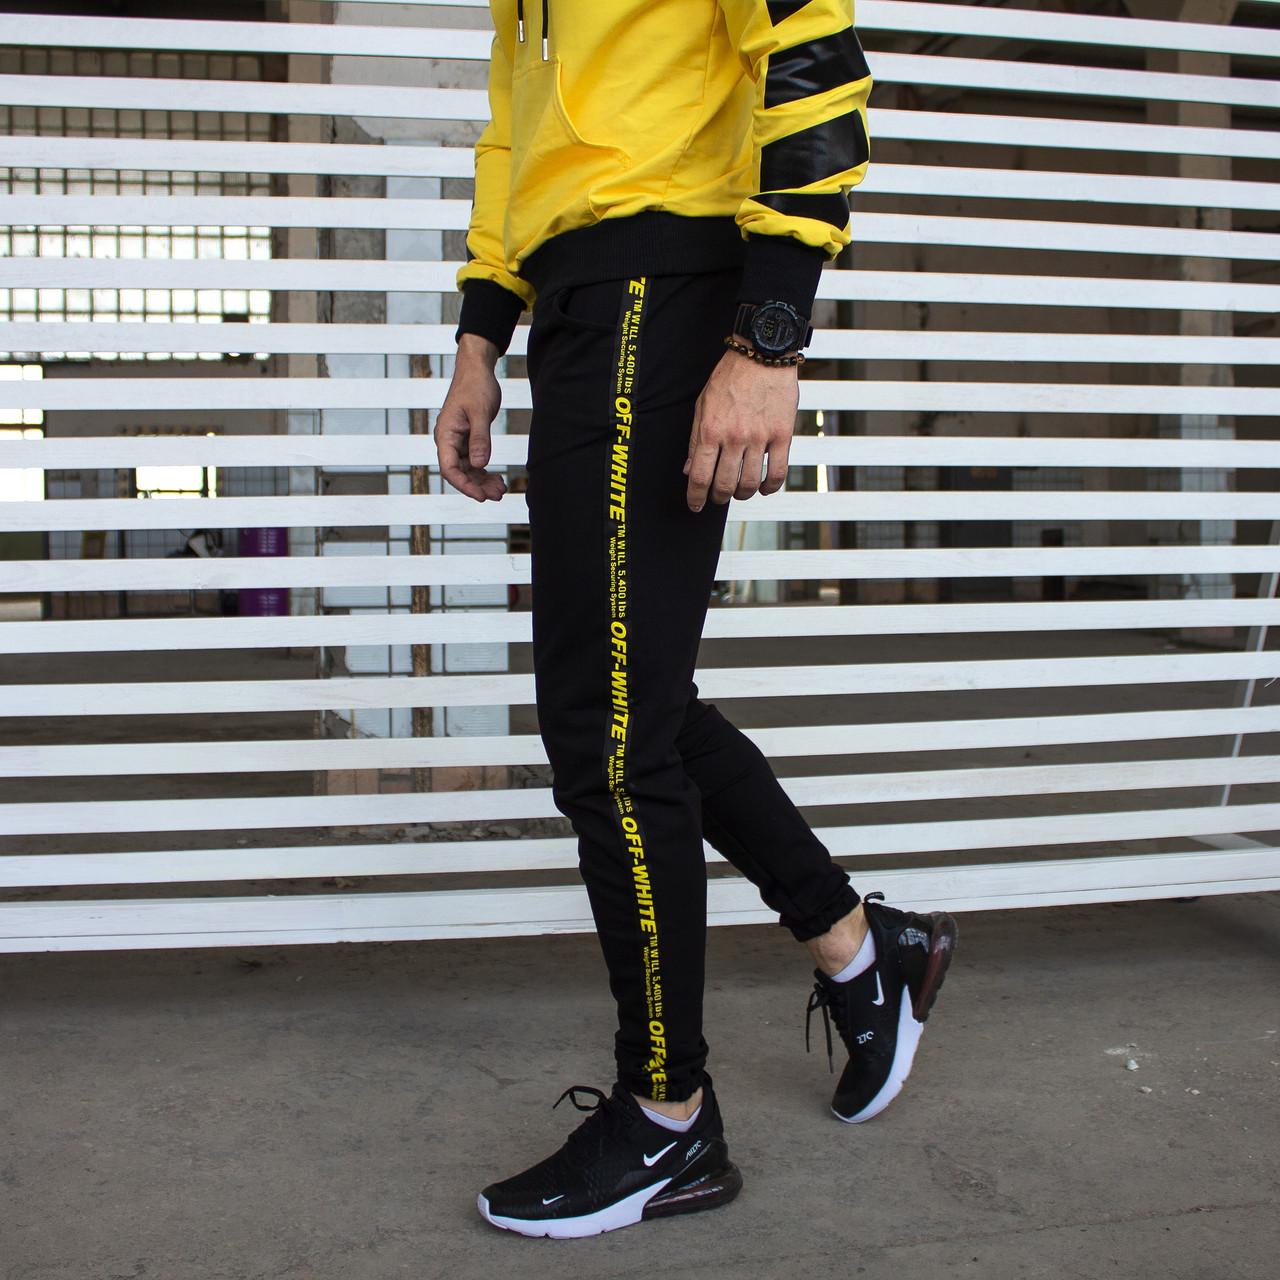 Спортивные штаны Off-White с лампасом мужские черные Зима в стиле Офф-Вайт L